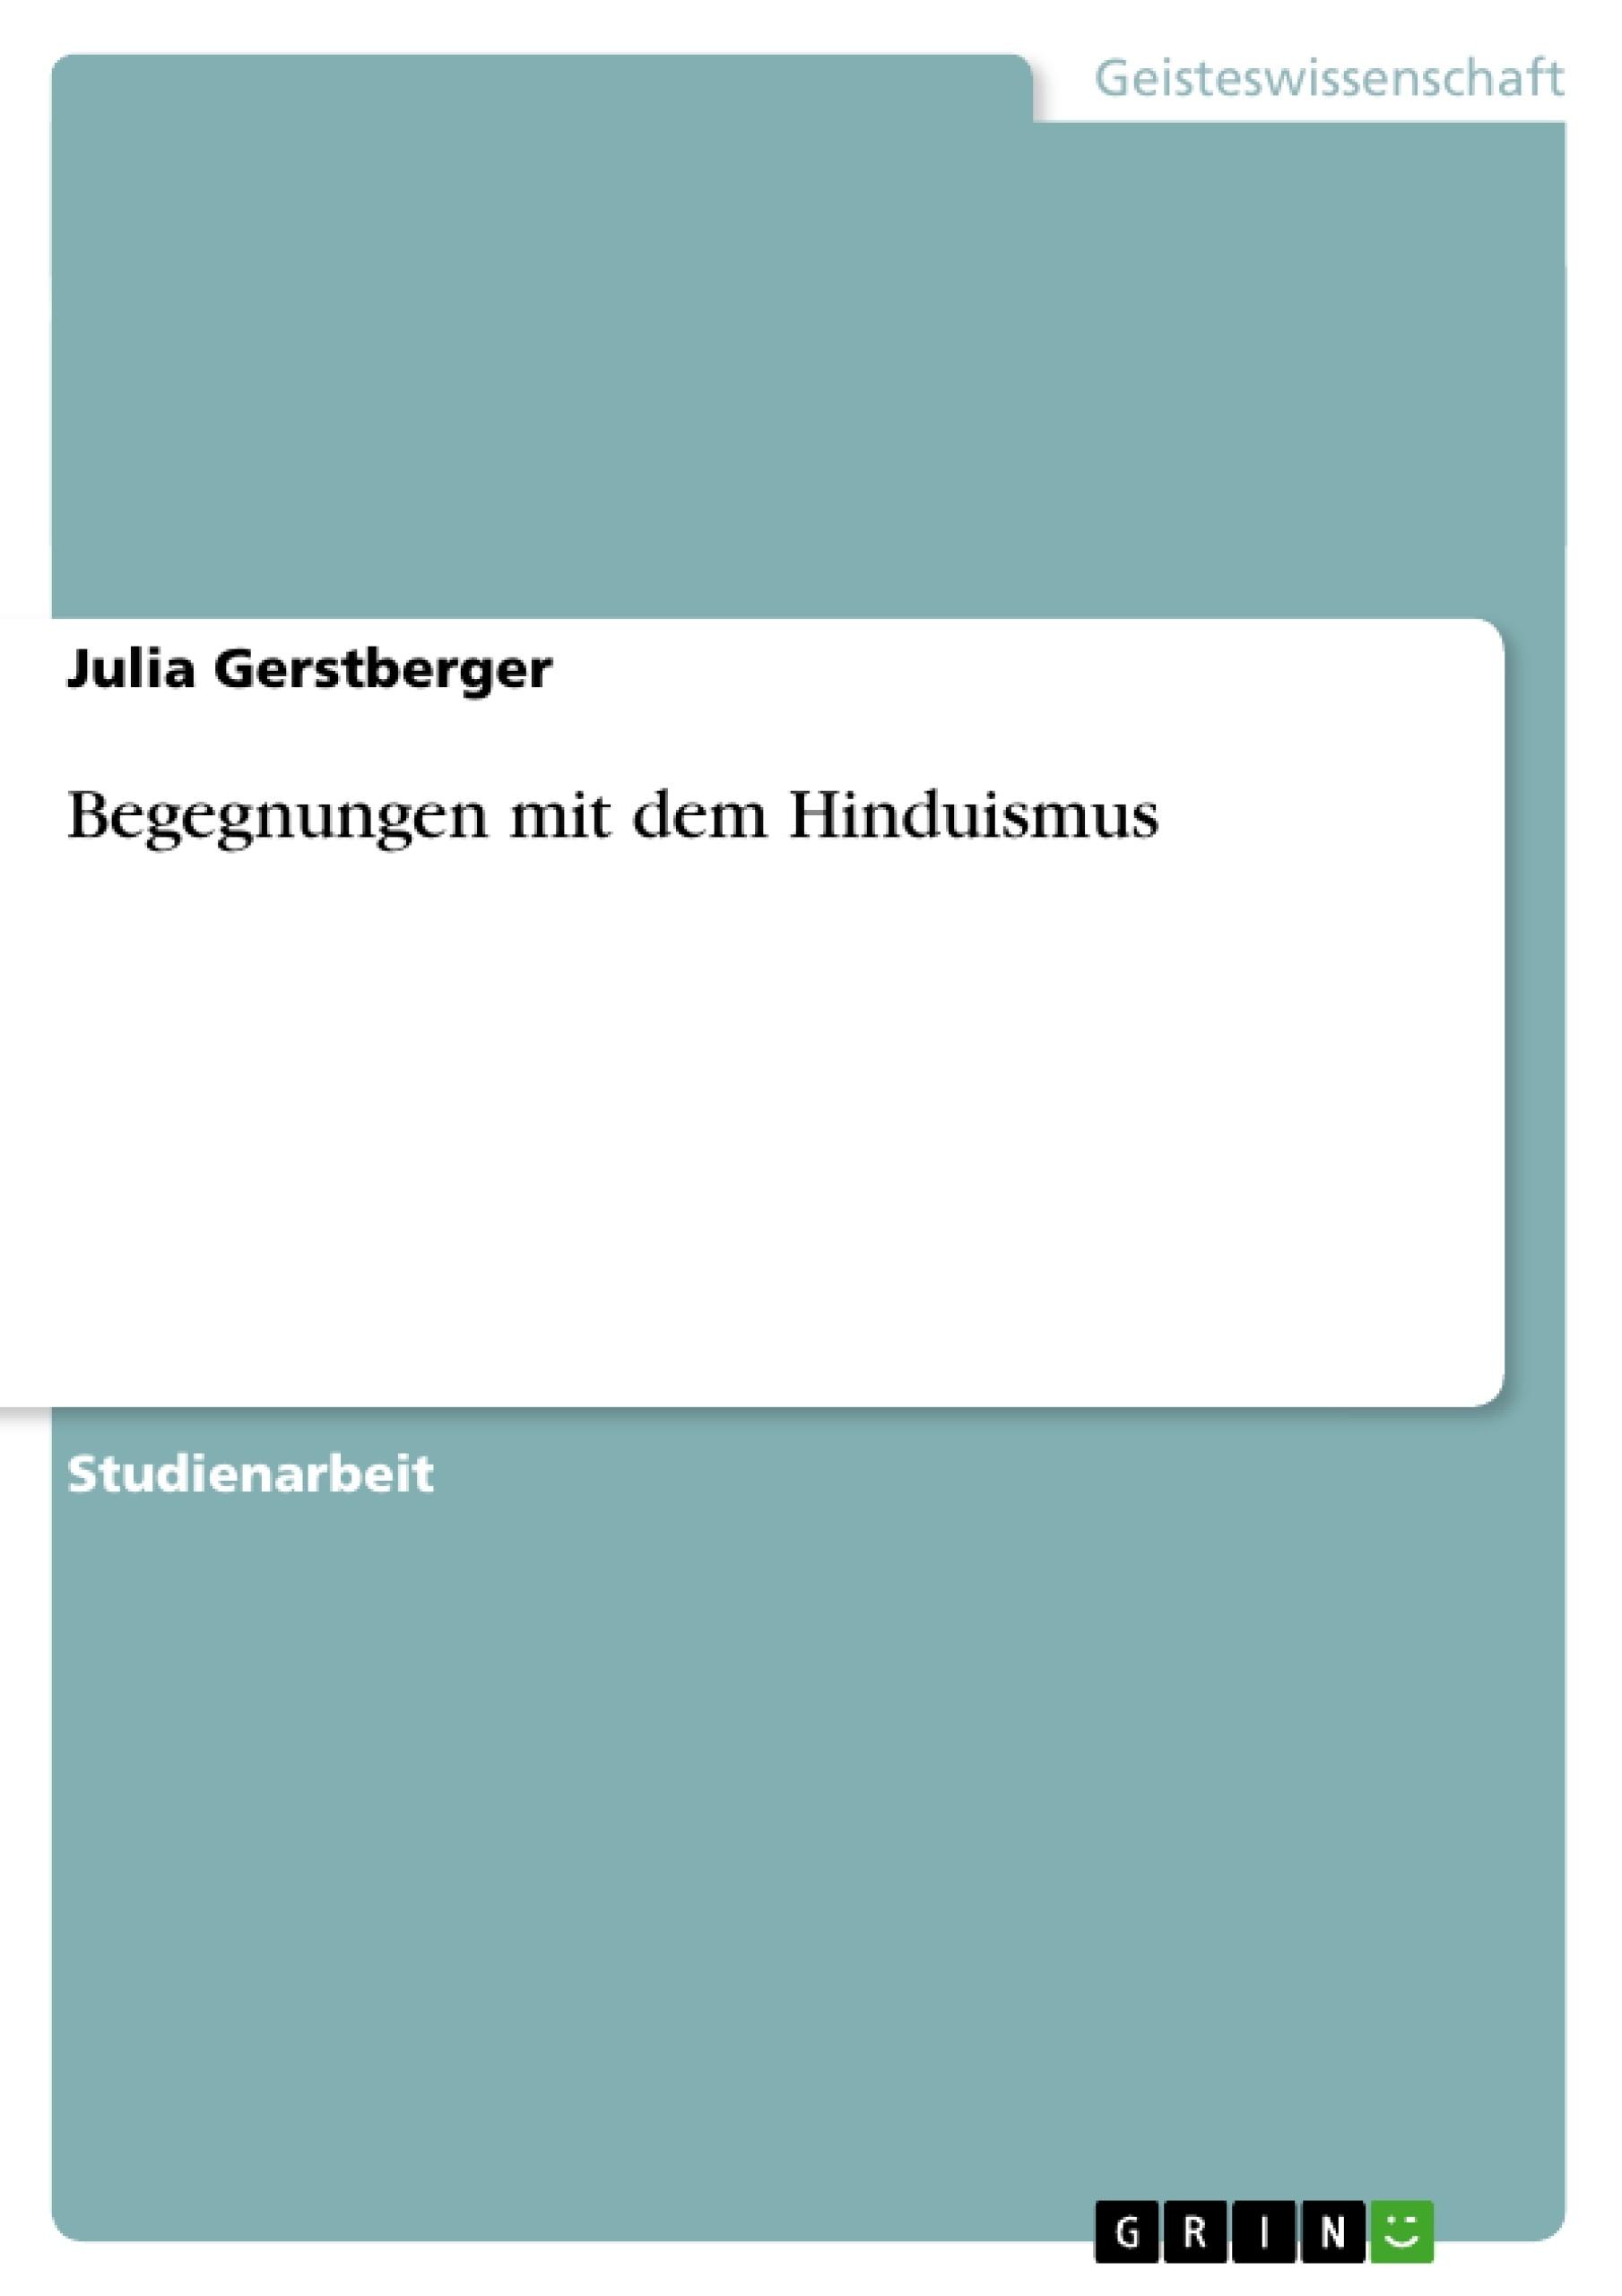 Titel: Begegnungen mit dem Hinduismus